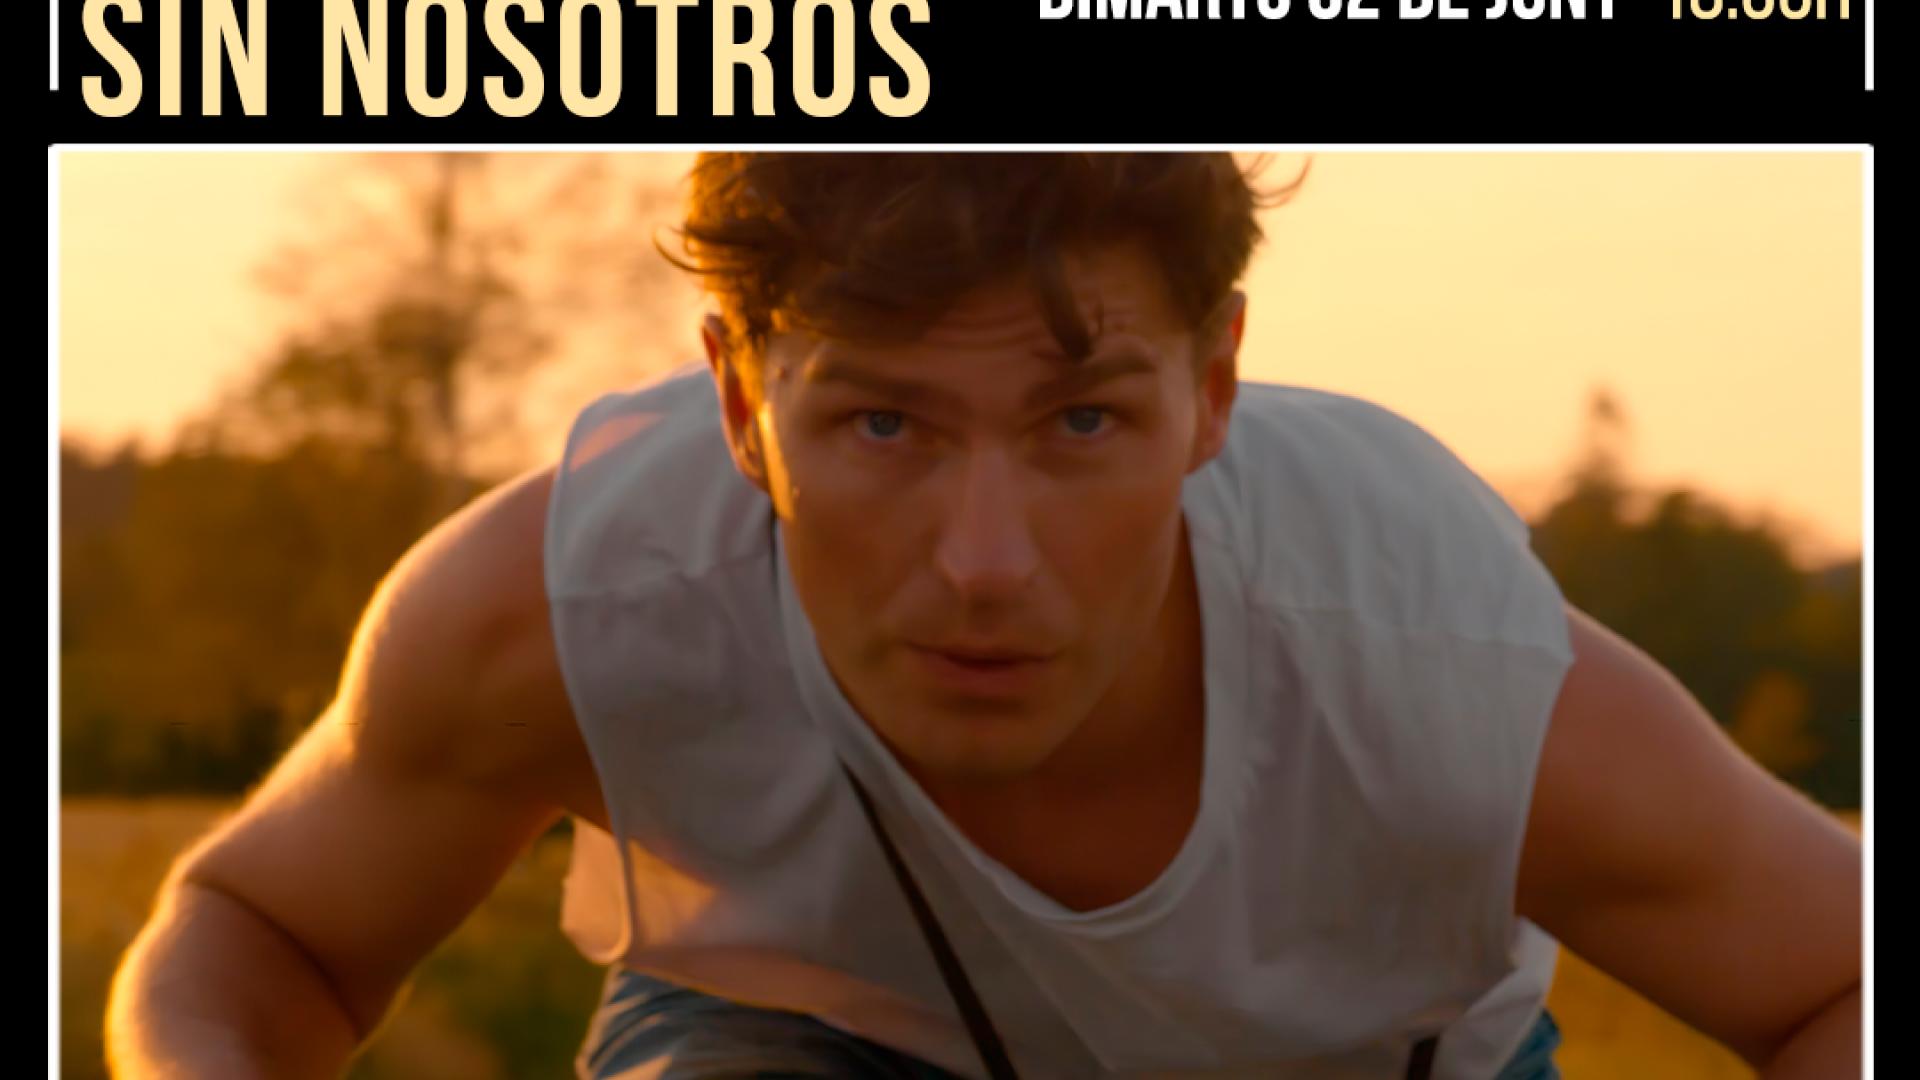 Descobrint cinema d'estrena: Vivir sin nosotros